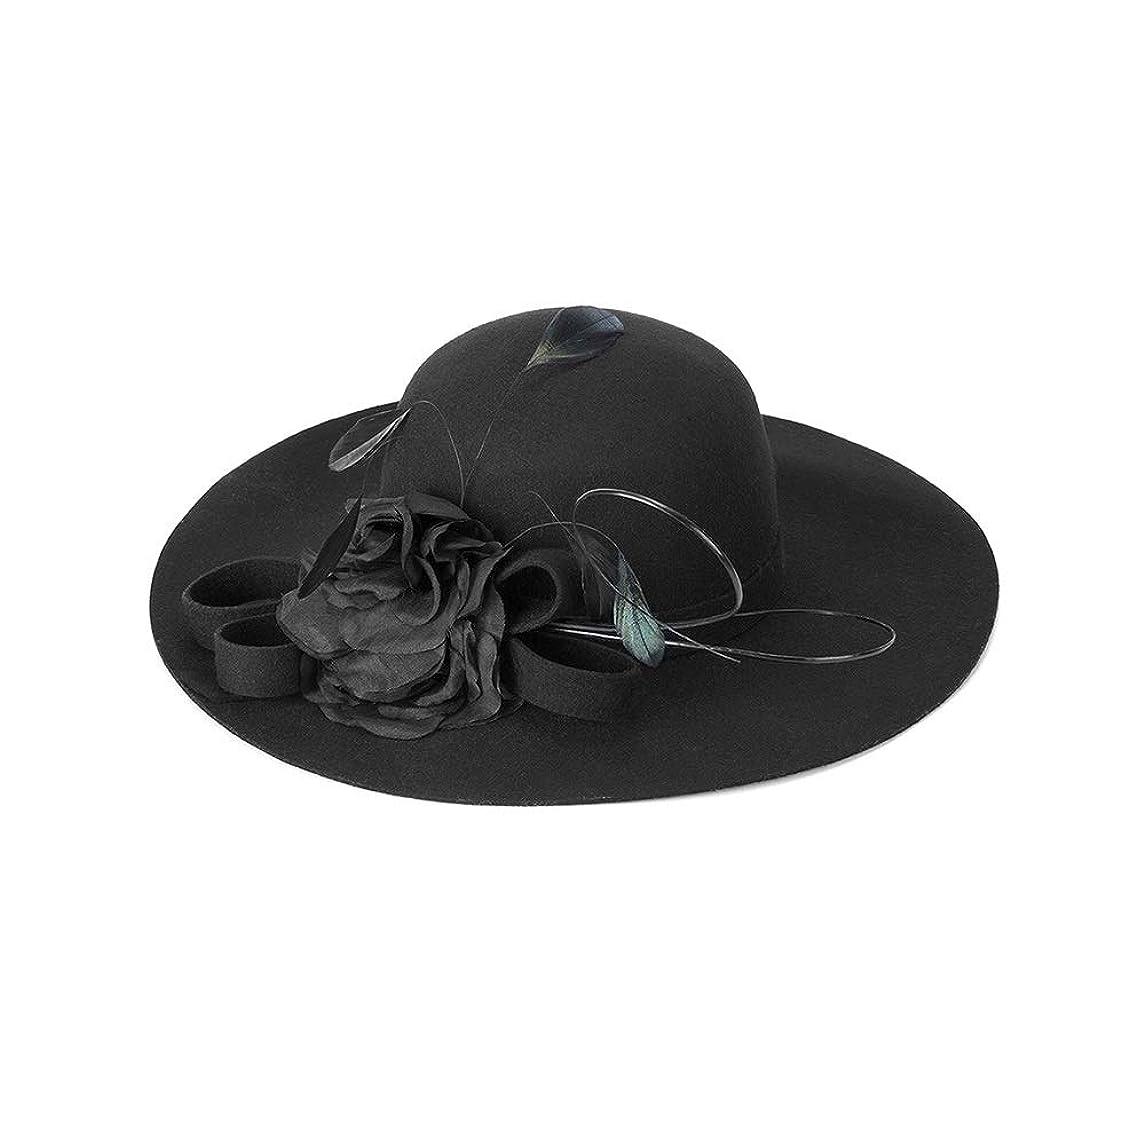 予防接種するも増幅器CHSY 帽子、女性の帽子秋と冬のエレガントな羽の花の帽子暖かい大きな帽子の装飾的な帽子、フリーサイズ ファッション小物 (Color : Black)